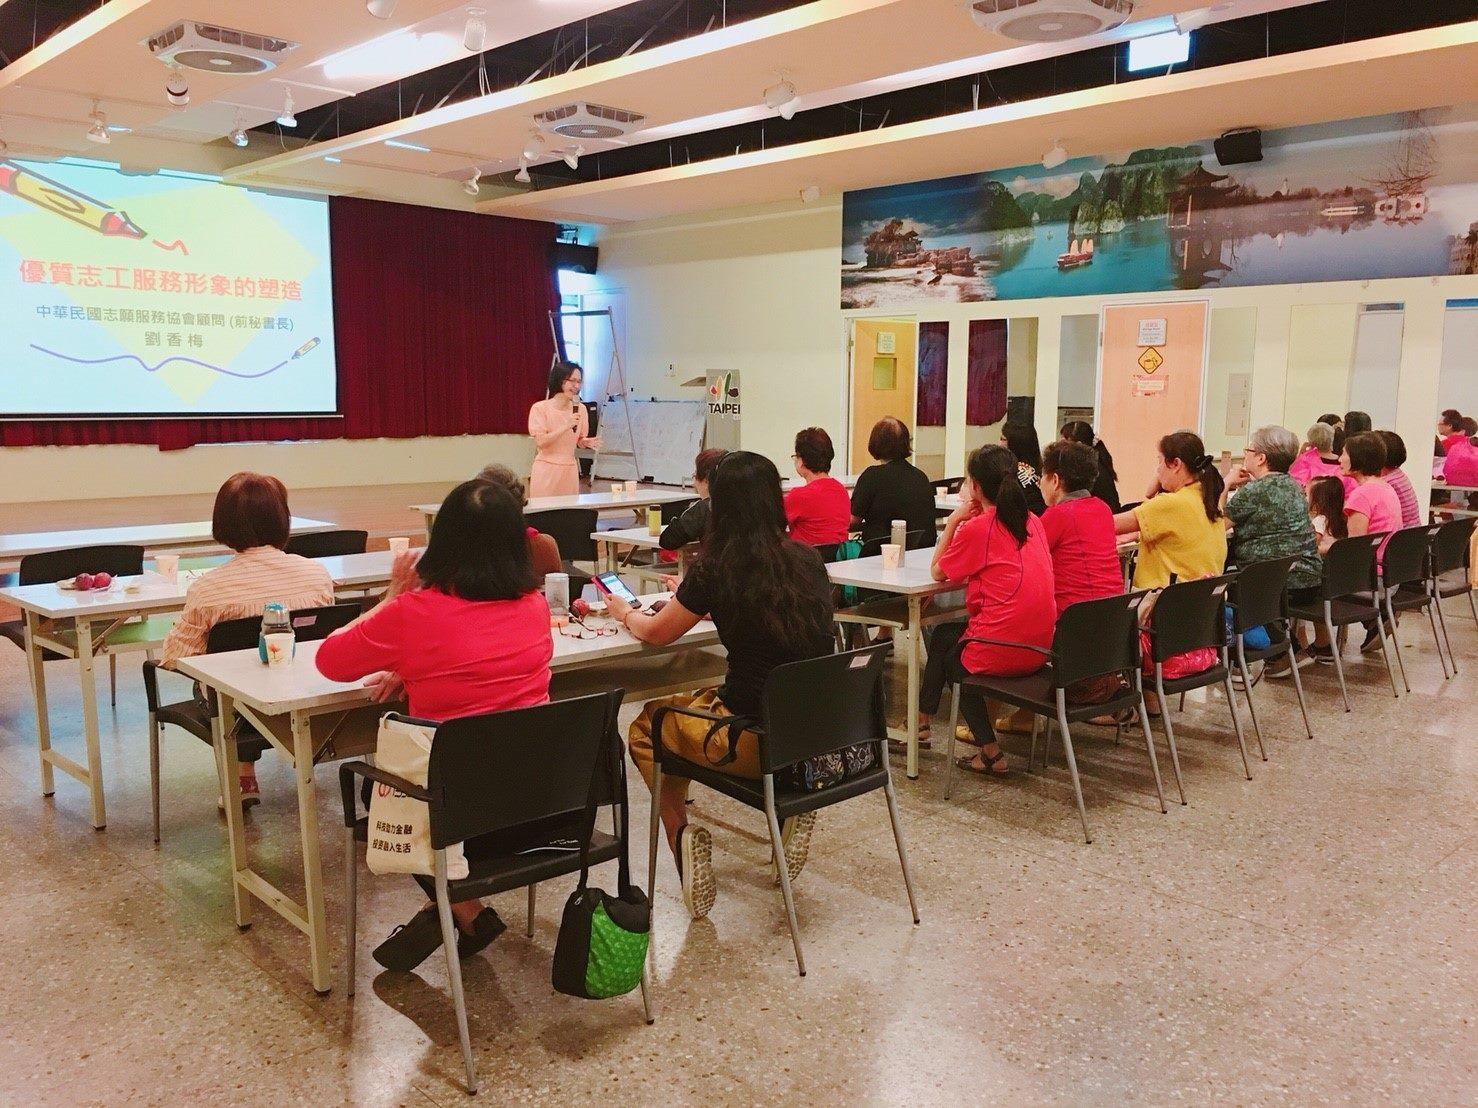 志願服務協會劉講師講授課程